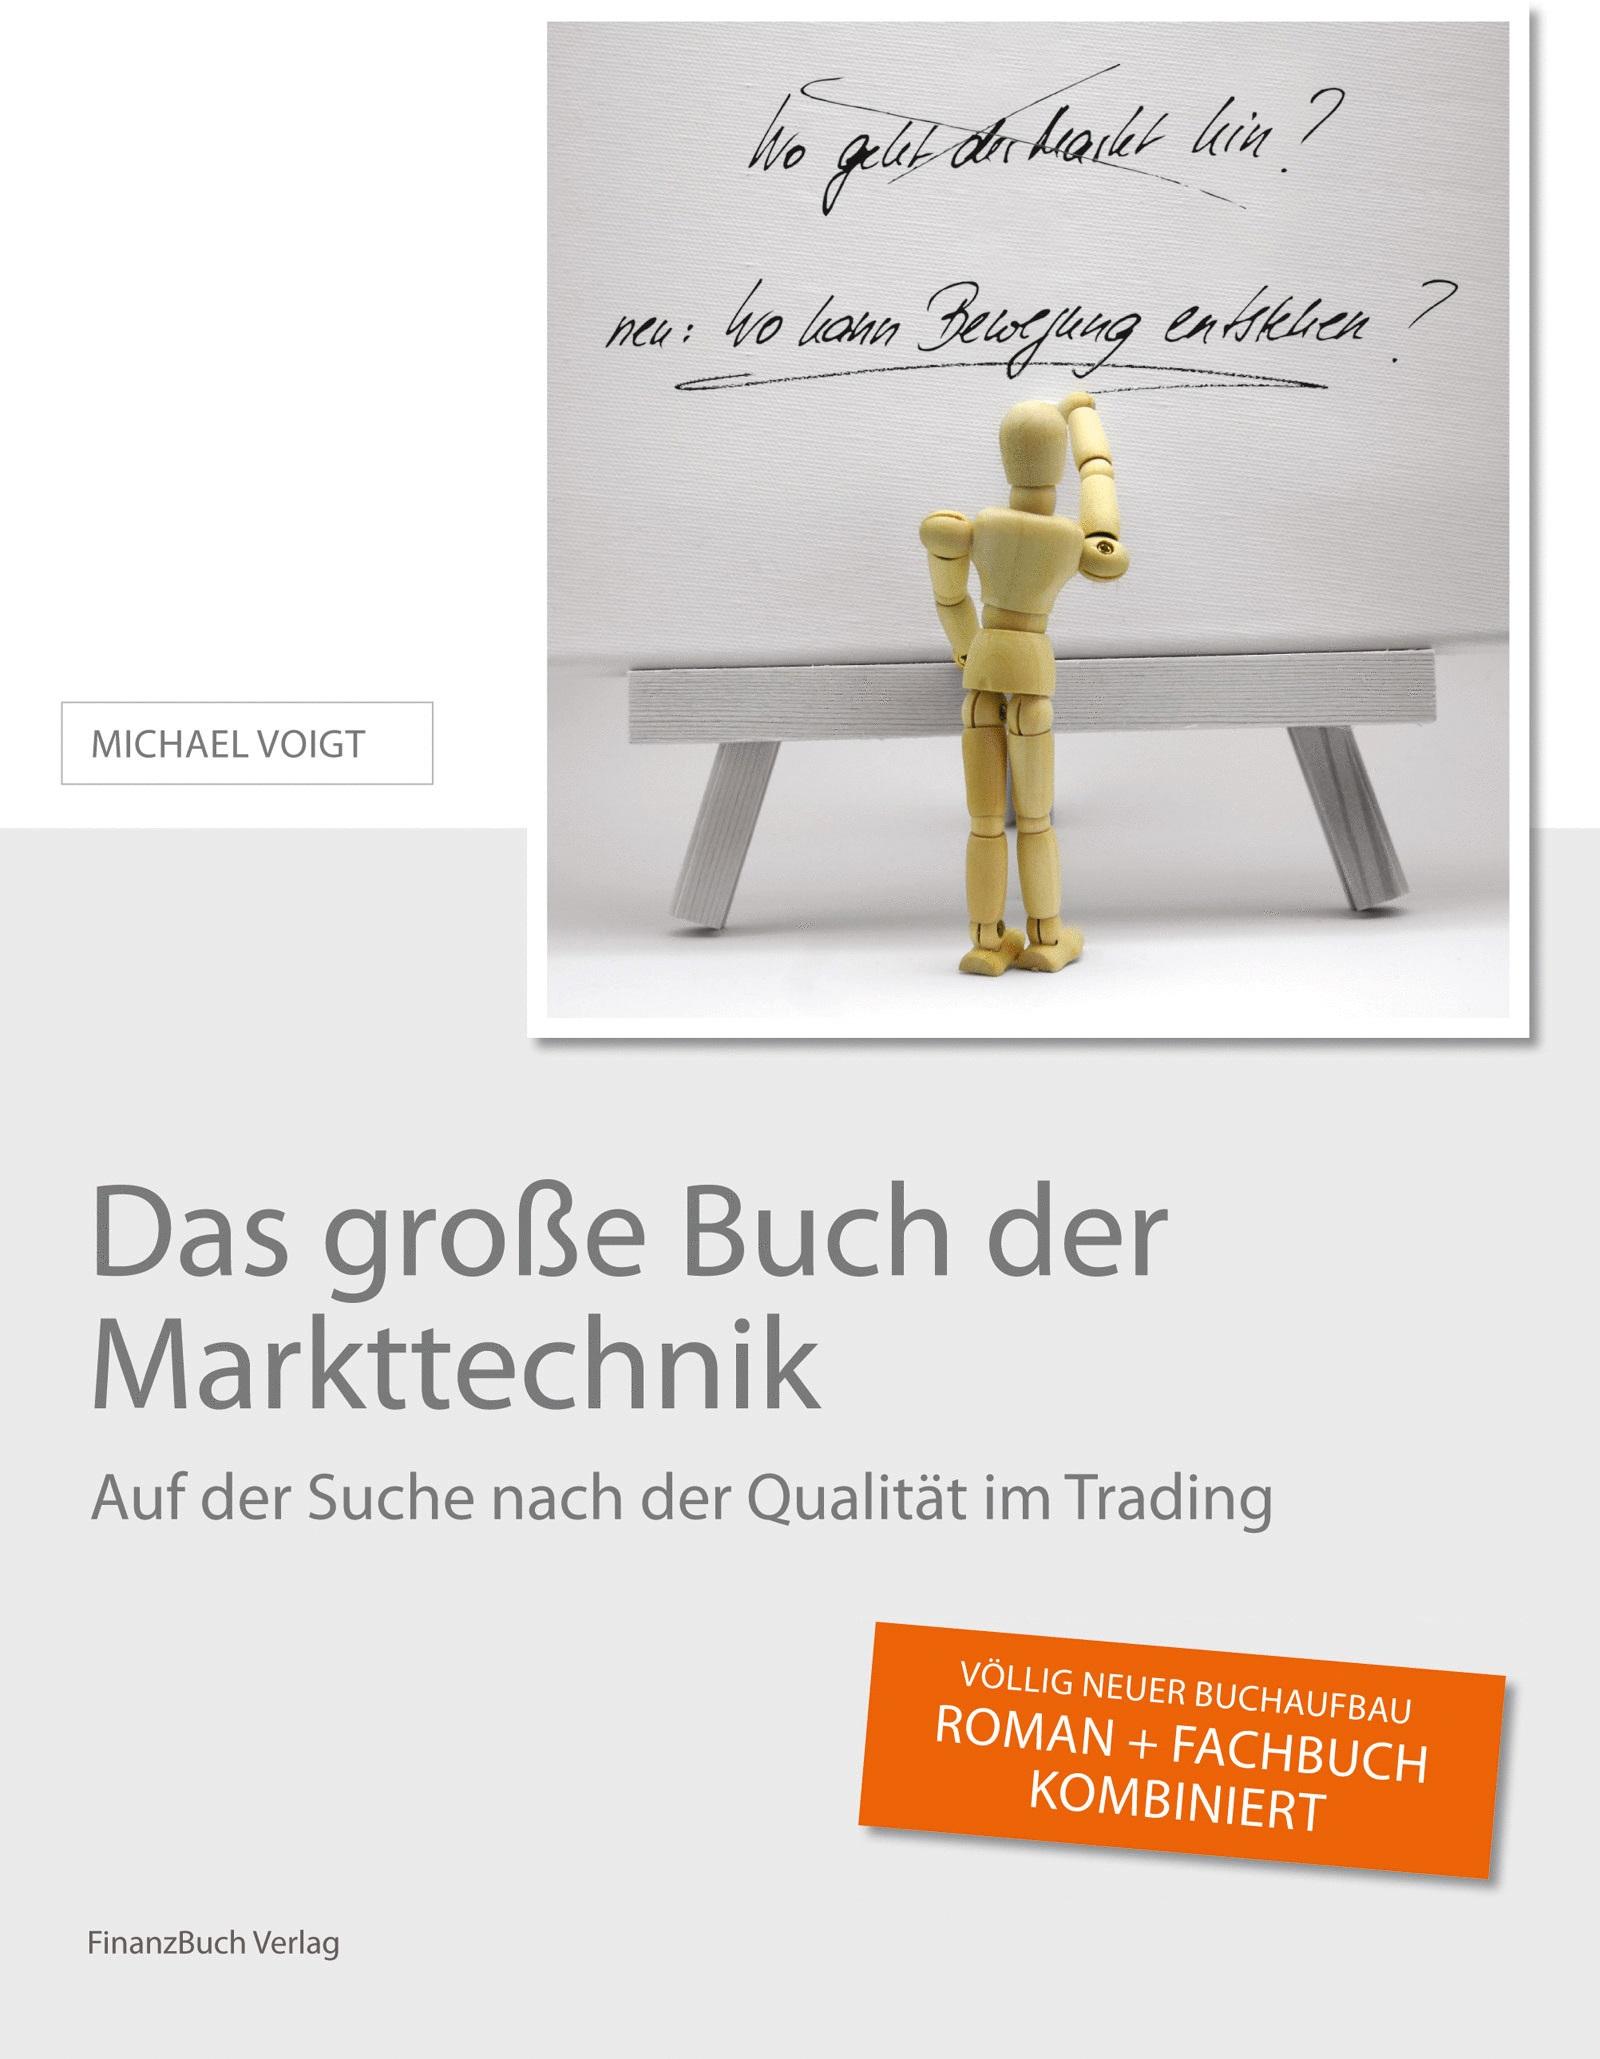 Das große Buch der Markttechnik: Auf der Suche nach der Qualität im Trading - Michael Voigt [9. Auflage 2013]